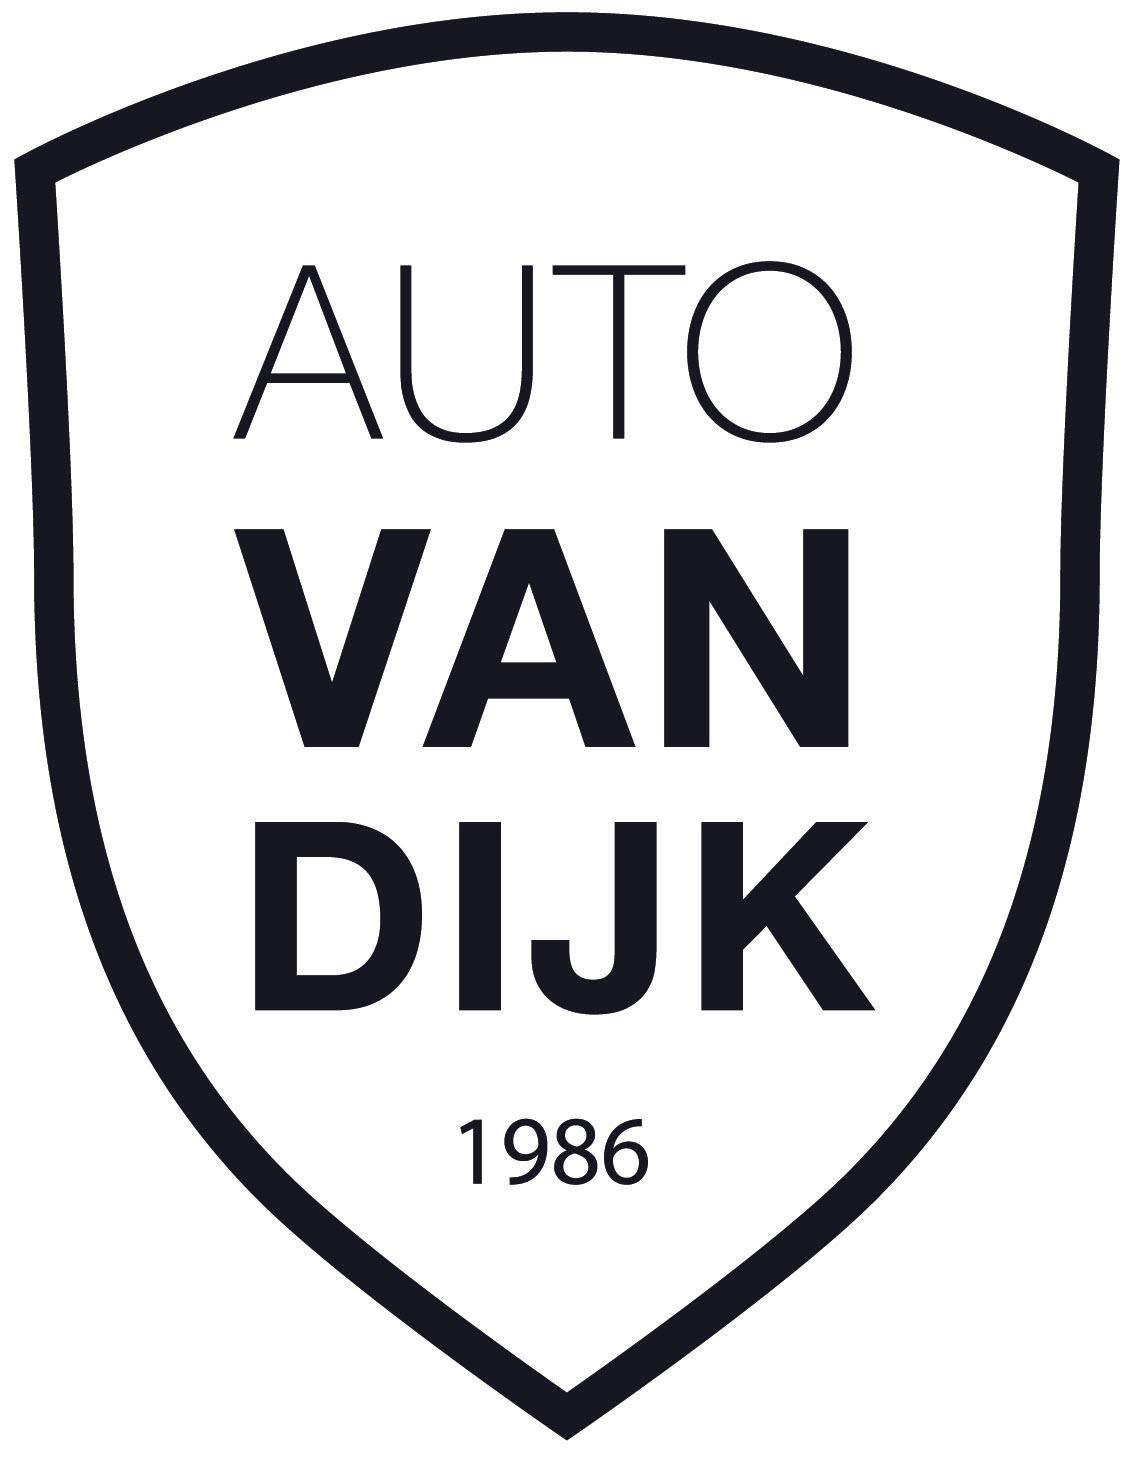 logo van dijk + schild + randje